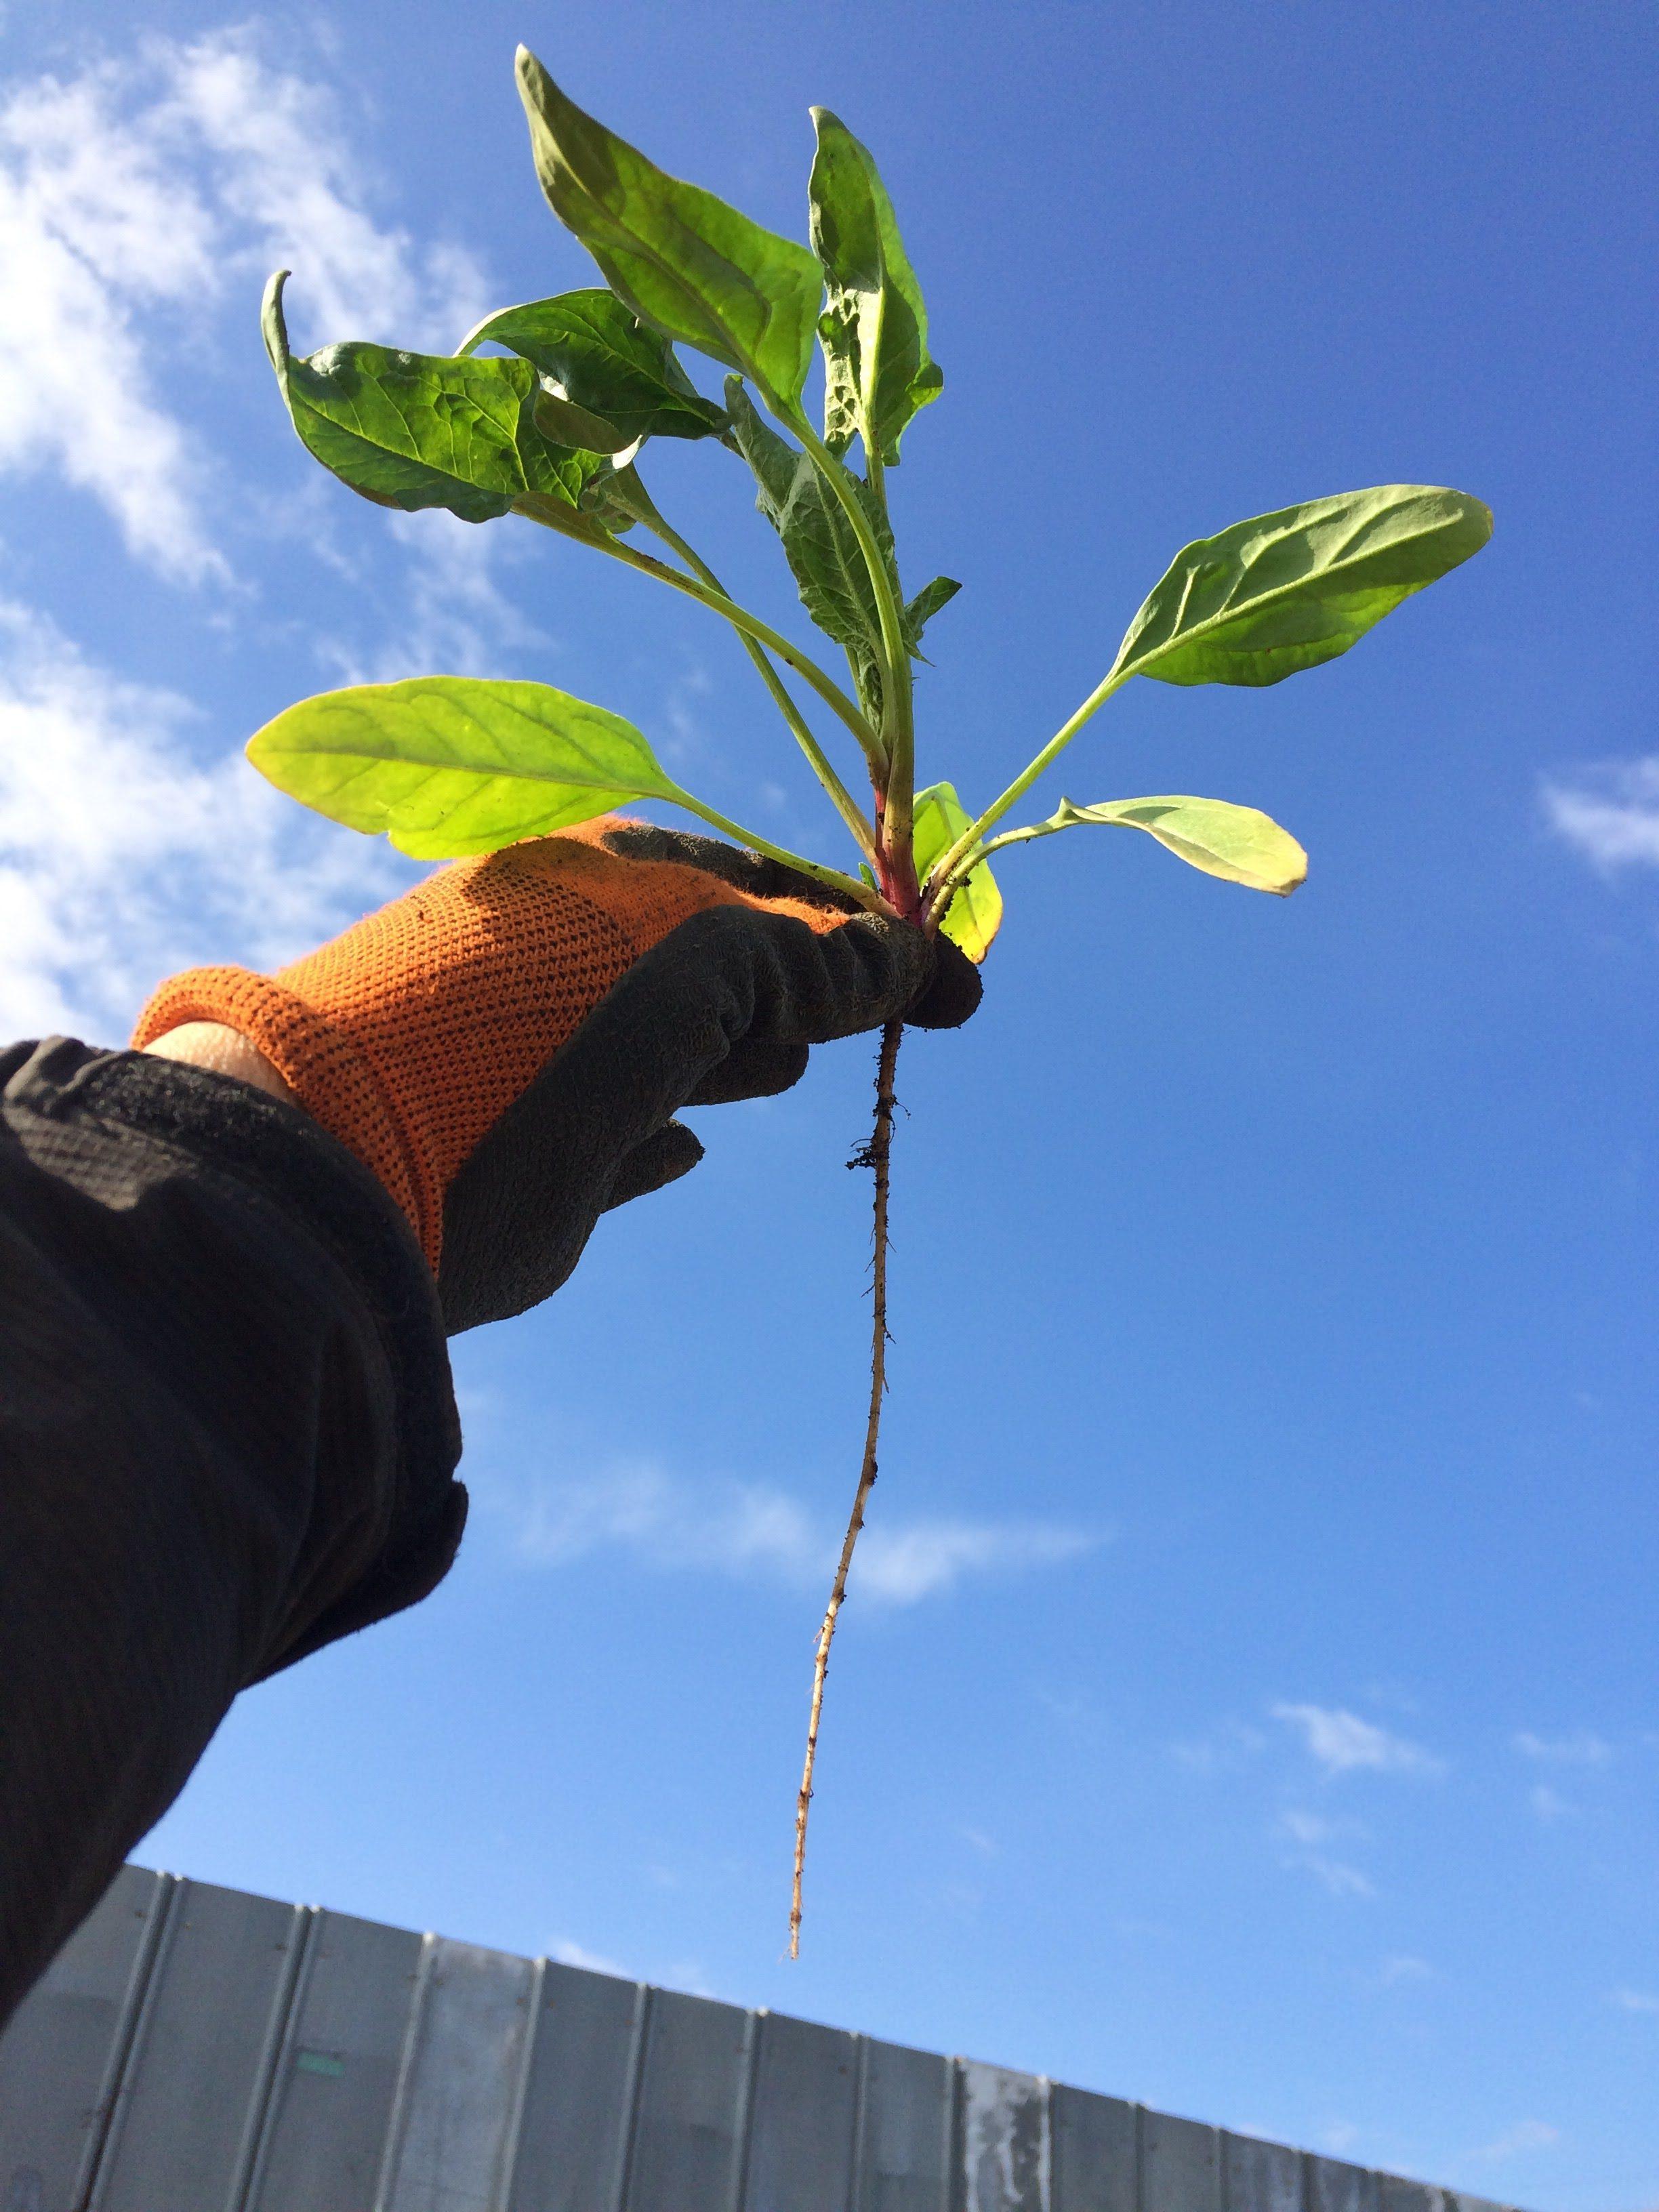 無肥料自然栽培の野菜の根っこは長い?【無肥料自然栽培農家 明石農園 研修10日目(2016年2月18日)】